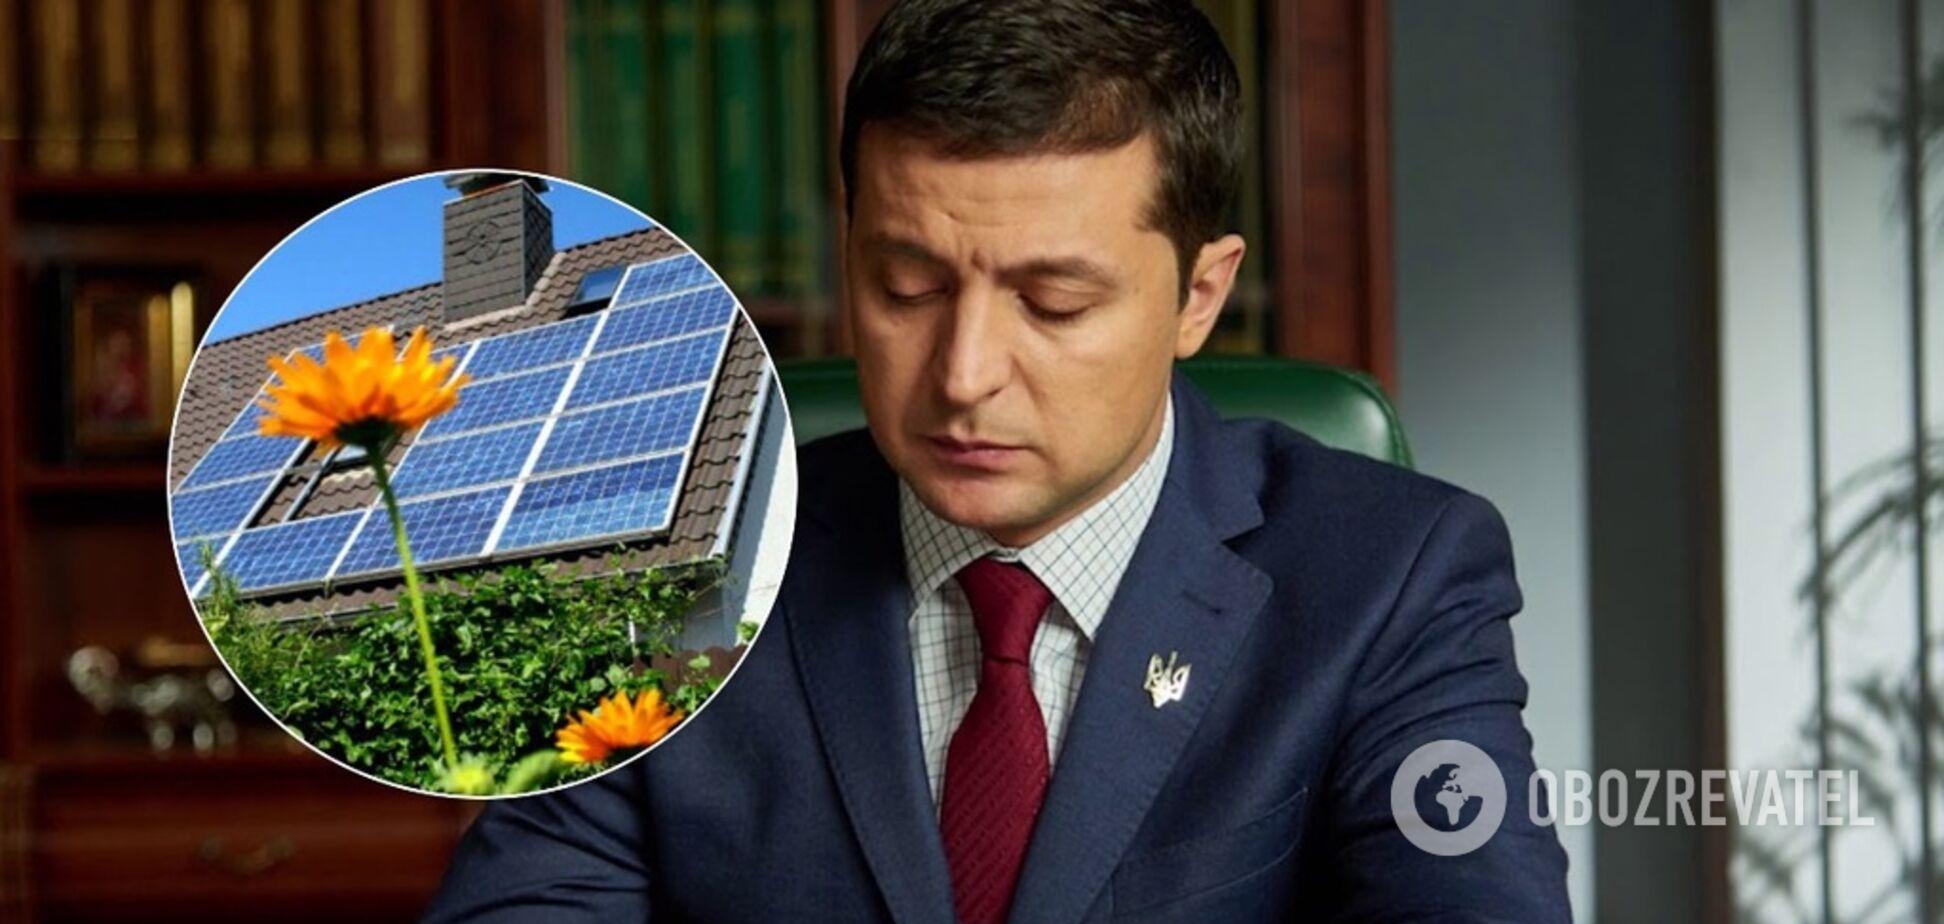 Українцям повернули 'зелений' тариф на домашні сонячні електростанції: що зміниться